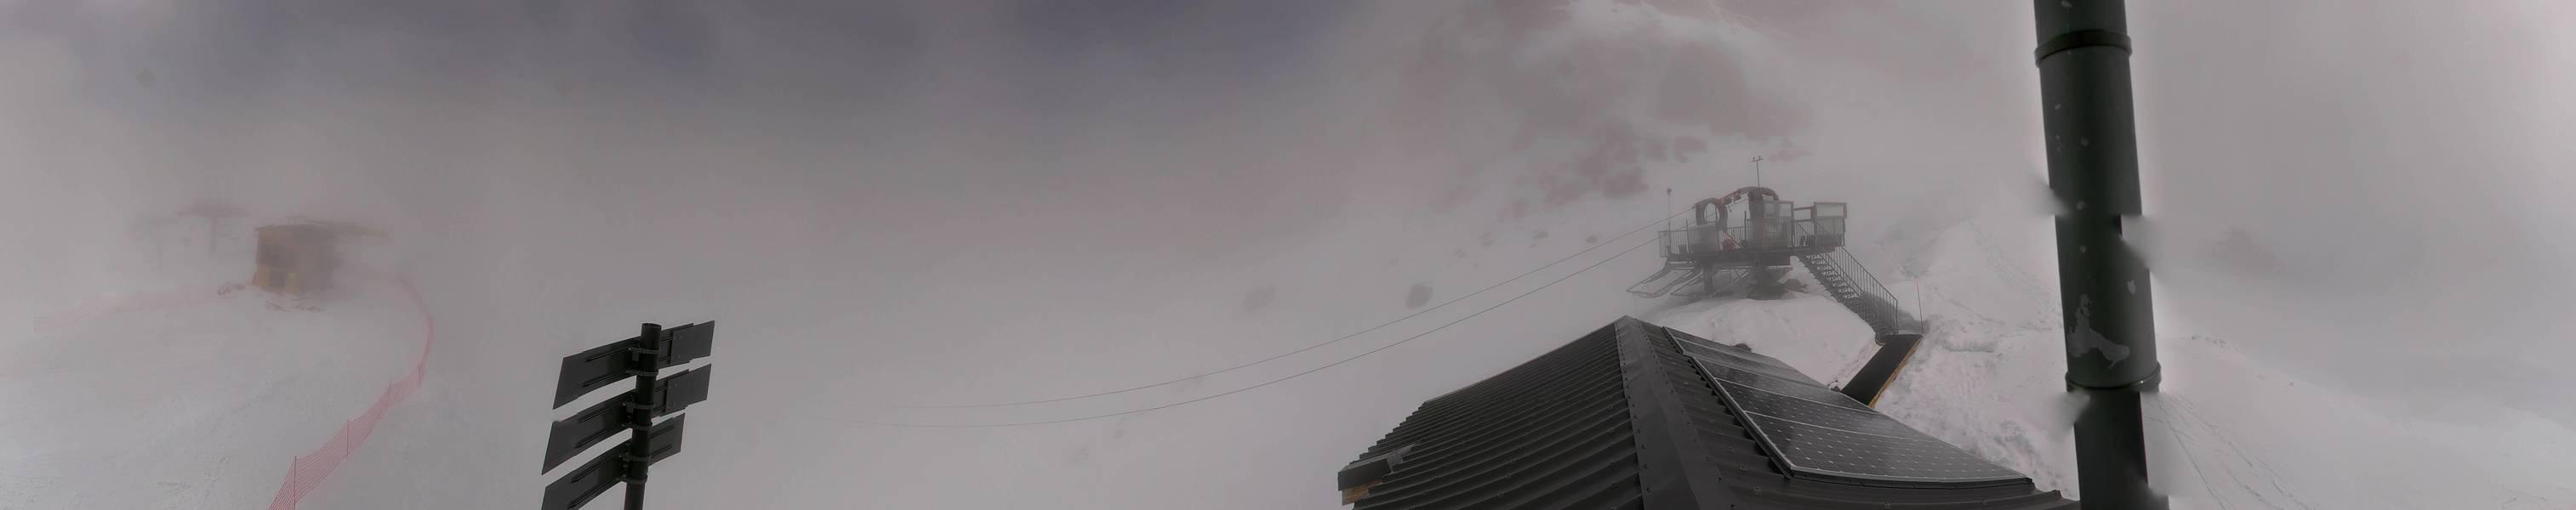 3 Valleys Orelle - Val Thorens webcam - Le Bouchet Tyrolienne 3.230 m